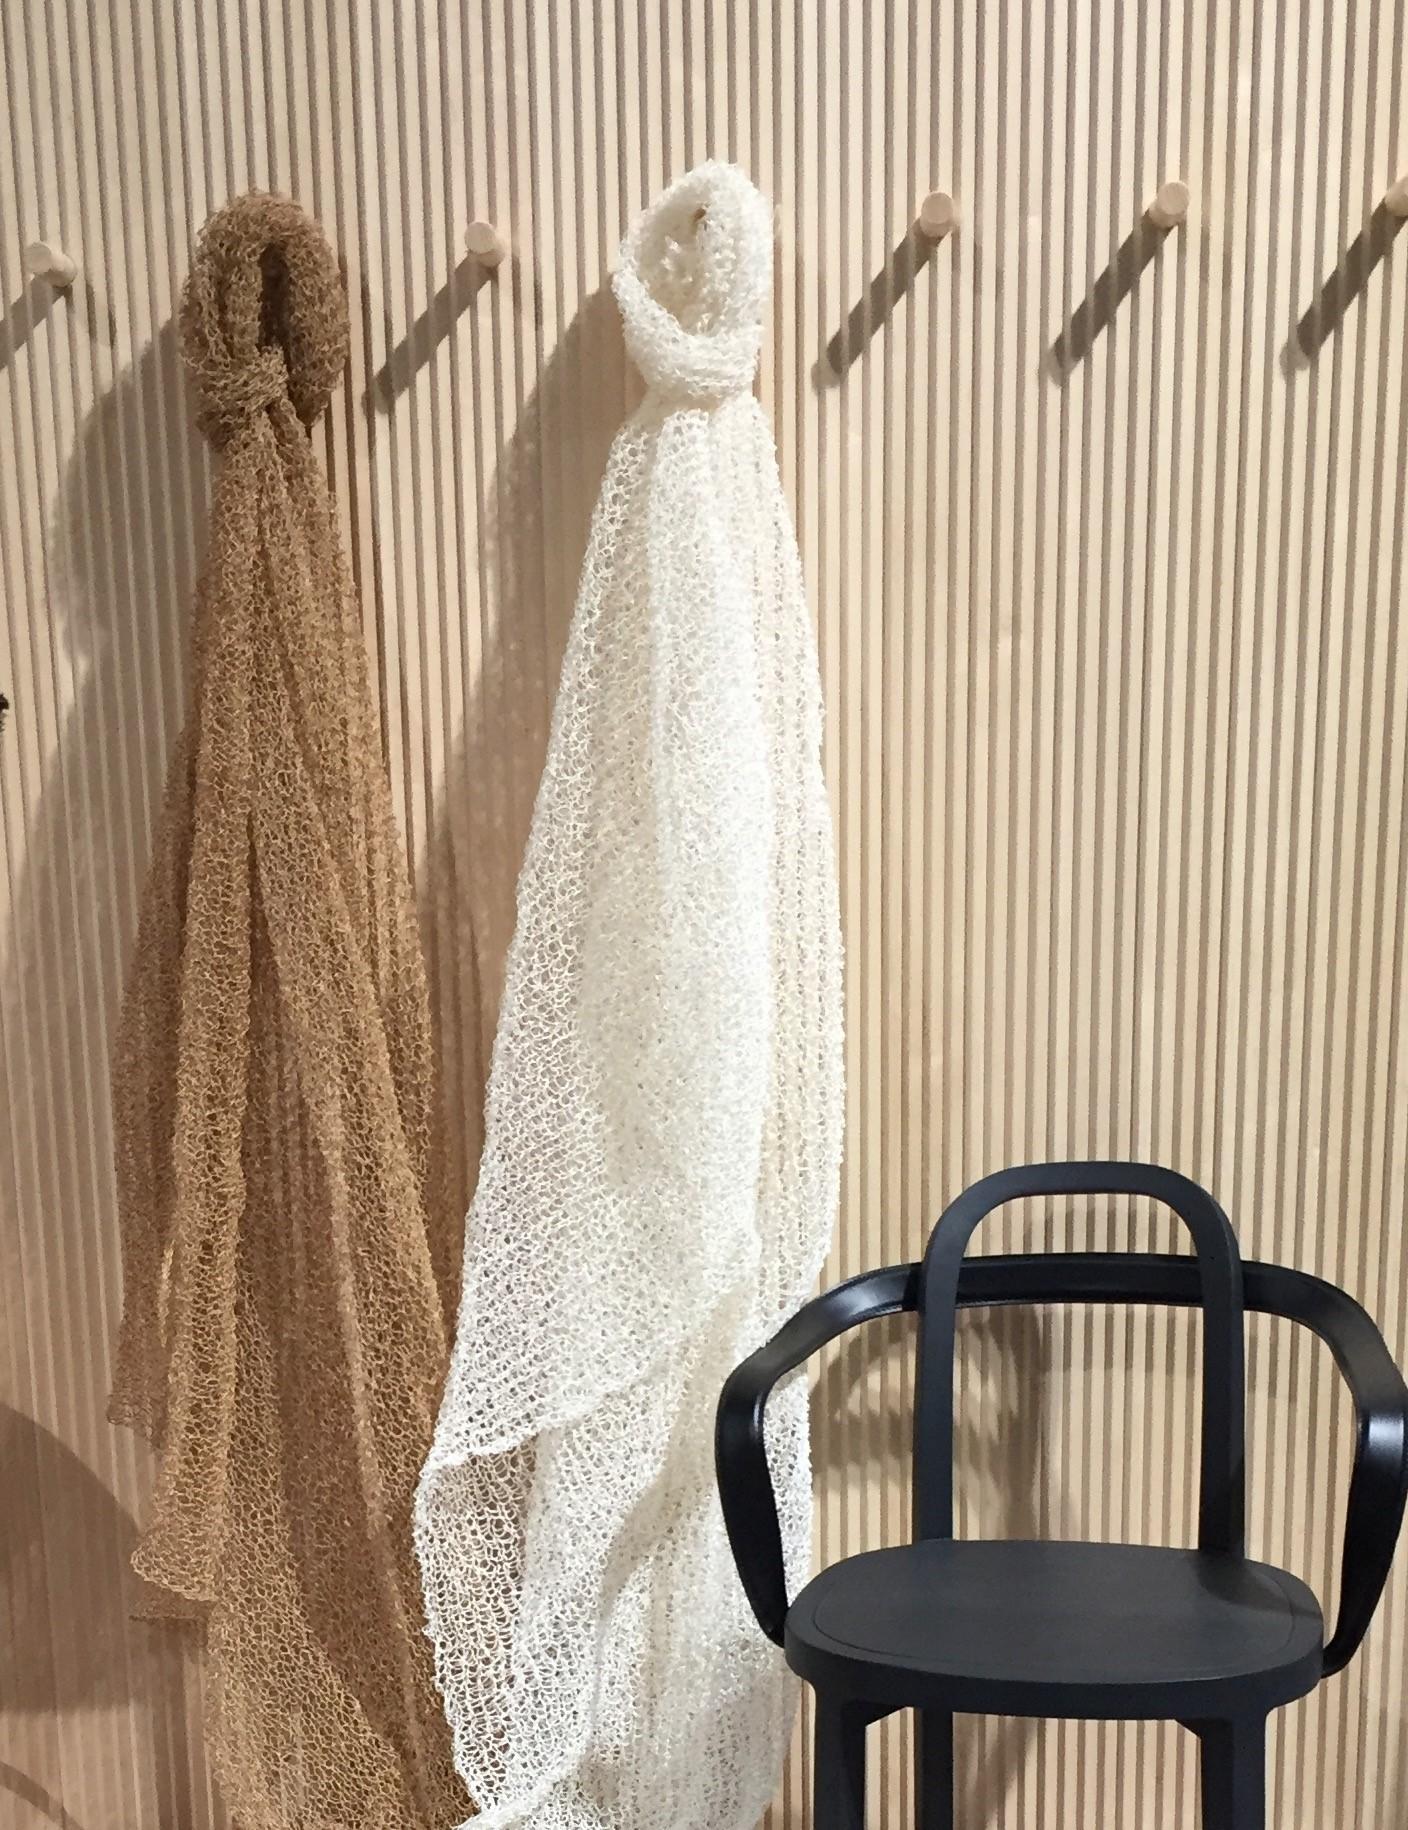 Veil curtains and Siro+ chair with armrest, black. ..Veil-verhoja ja musta käsinojallinen Siro+ tuoli.